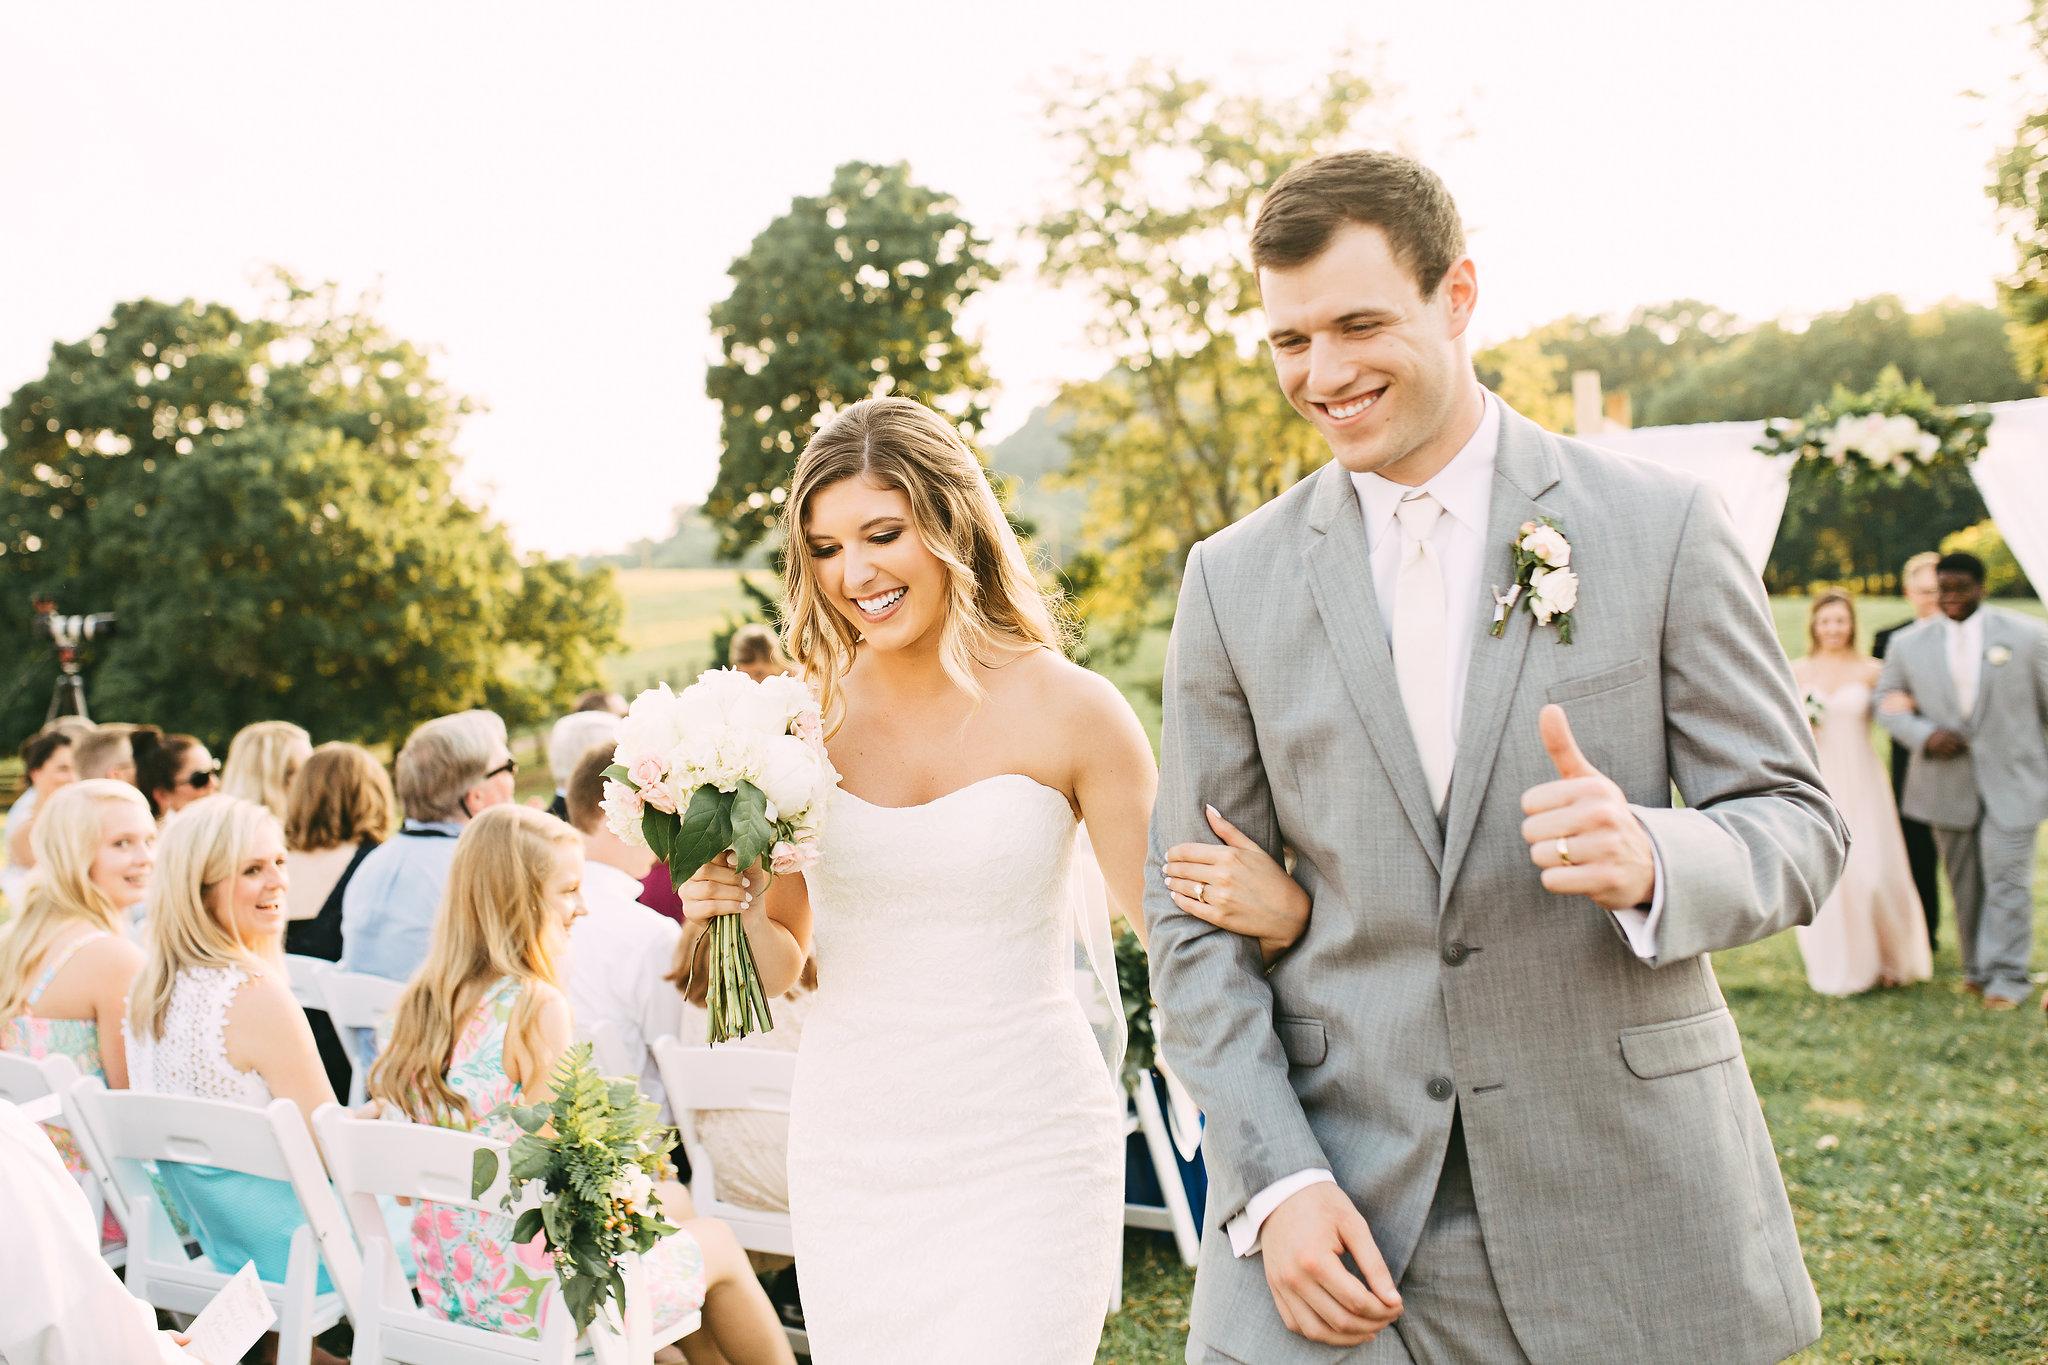 Natalie taghavi wedding